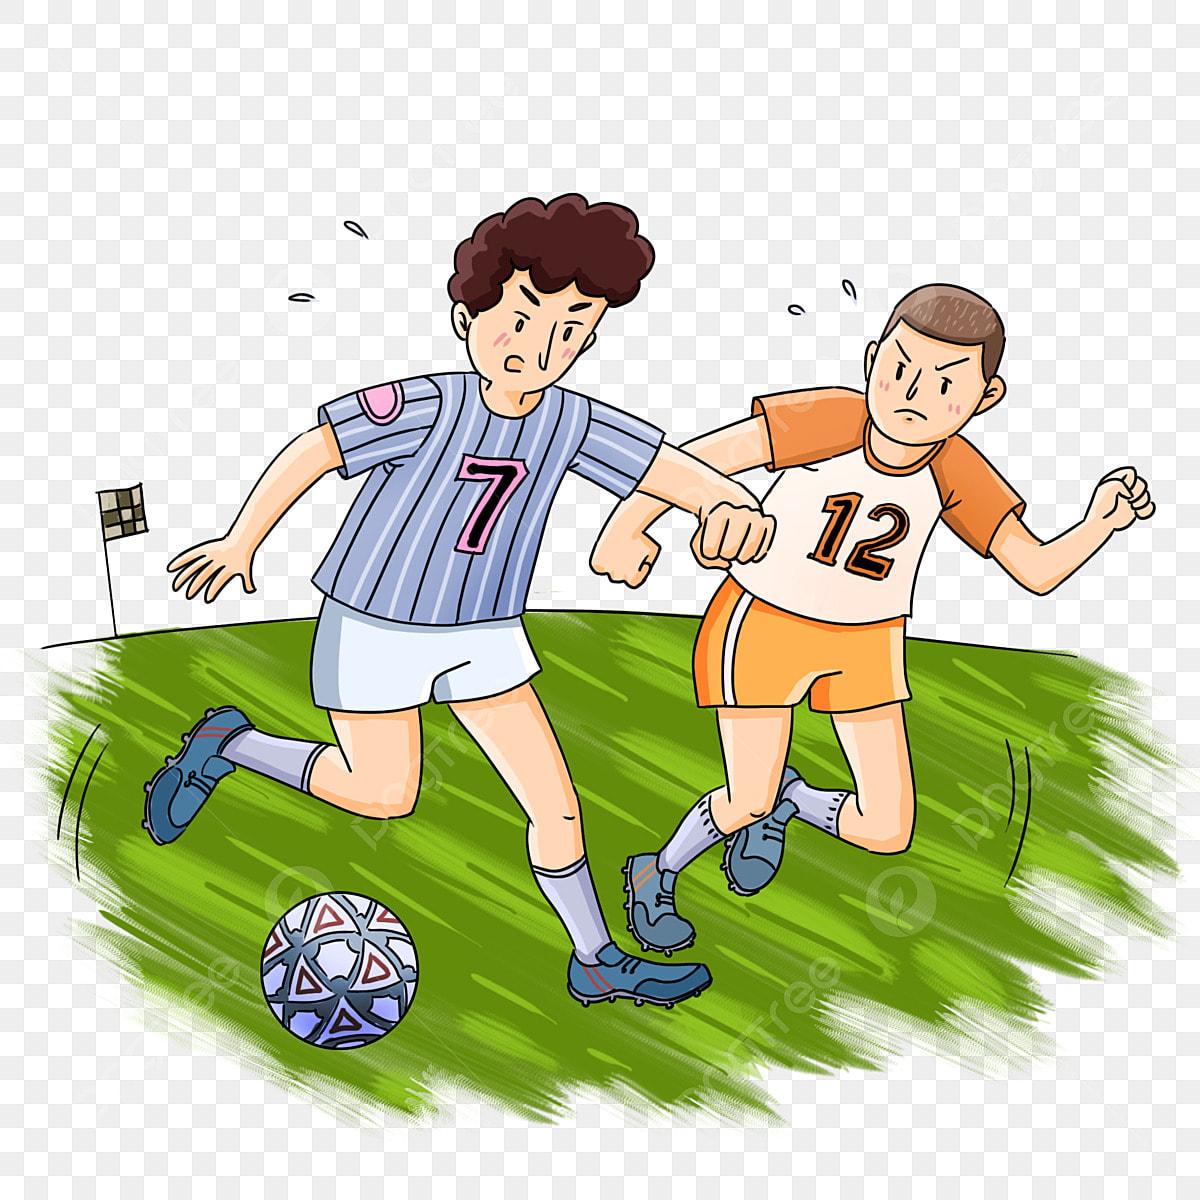 Gambar Pertandingan Sepak Bola Olahraga Istirahat Bola Karakter Kartun Perlawanan Bola Sepak Sukan Rehat Bola Png Dan Psd Untuk Muat Turun Percuma